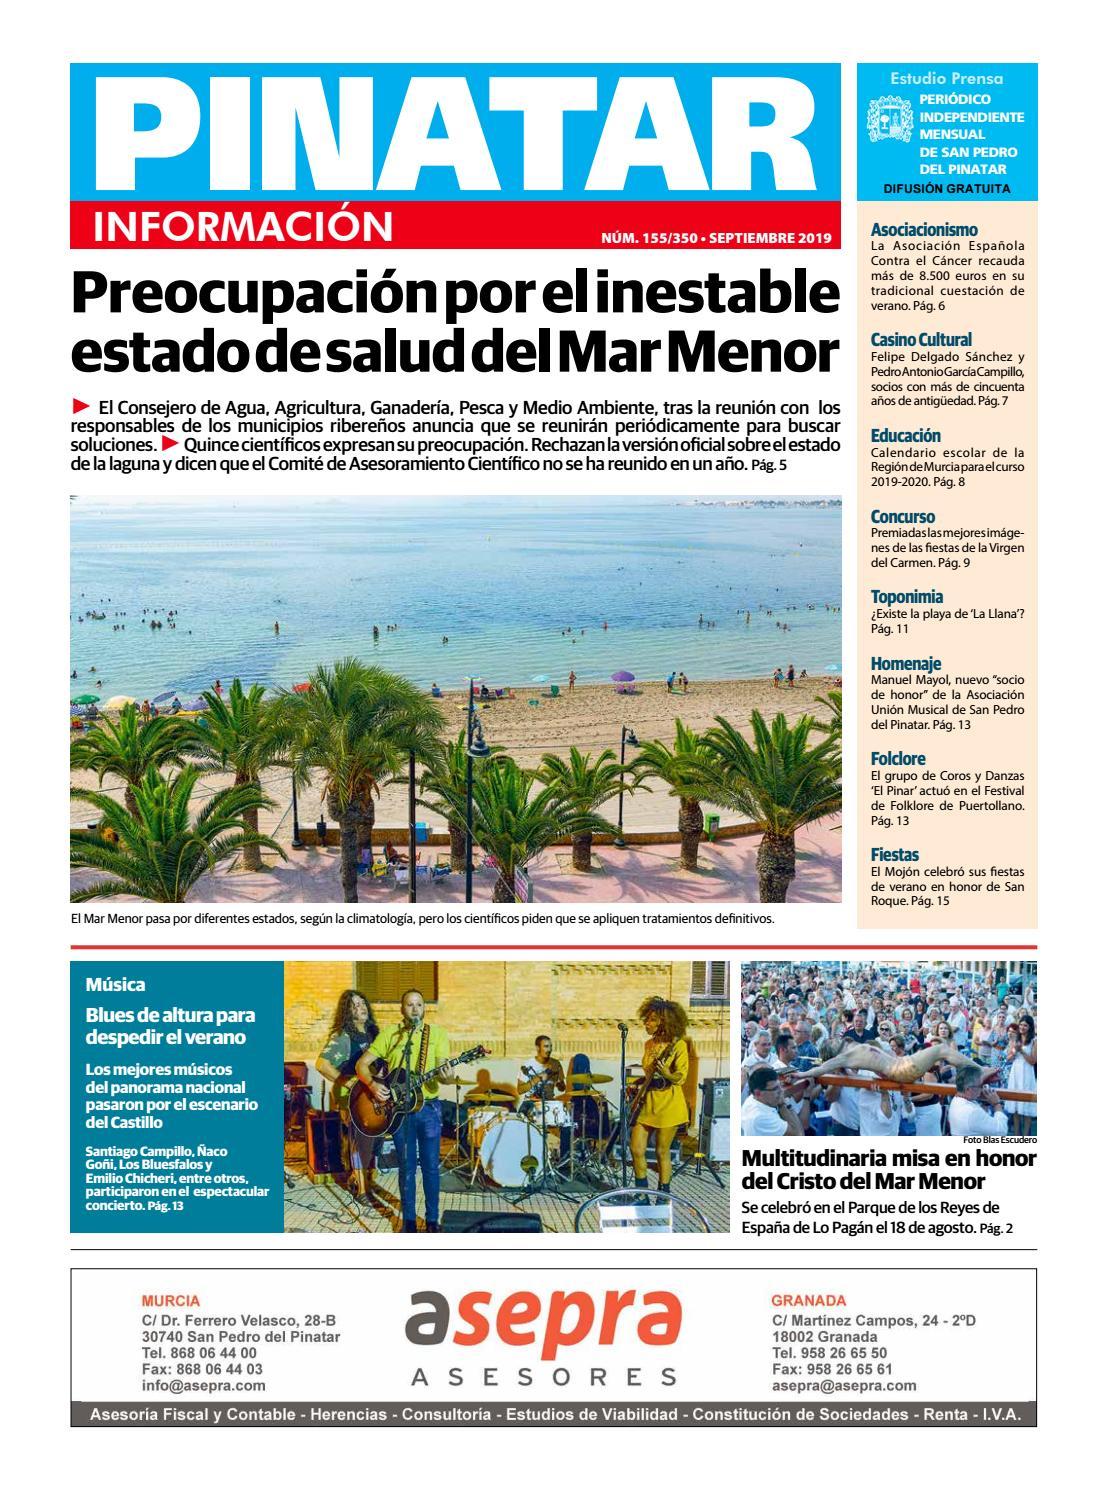 Pinatar Información Septiembre 2019 By Estudio Prensa Issuu